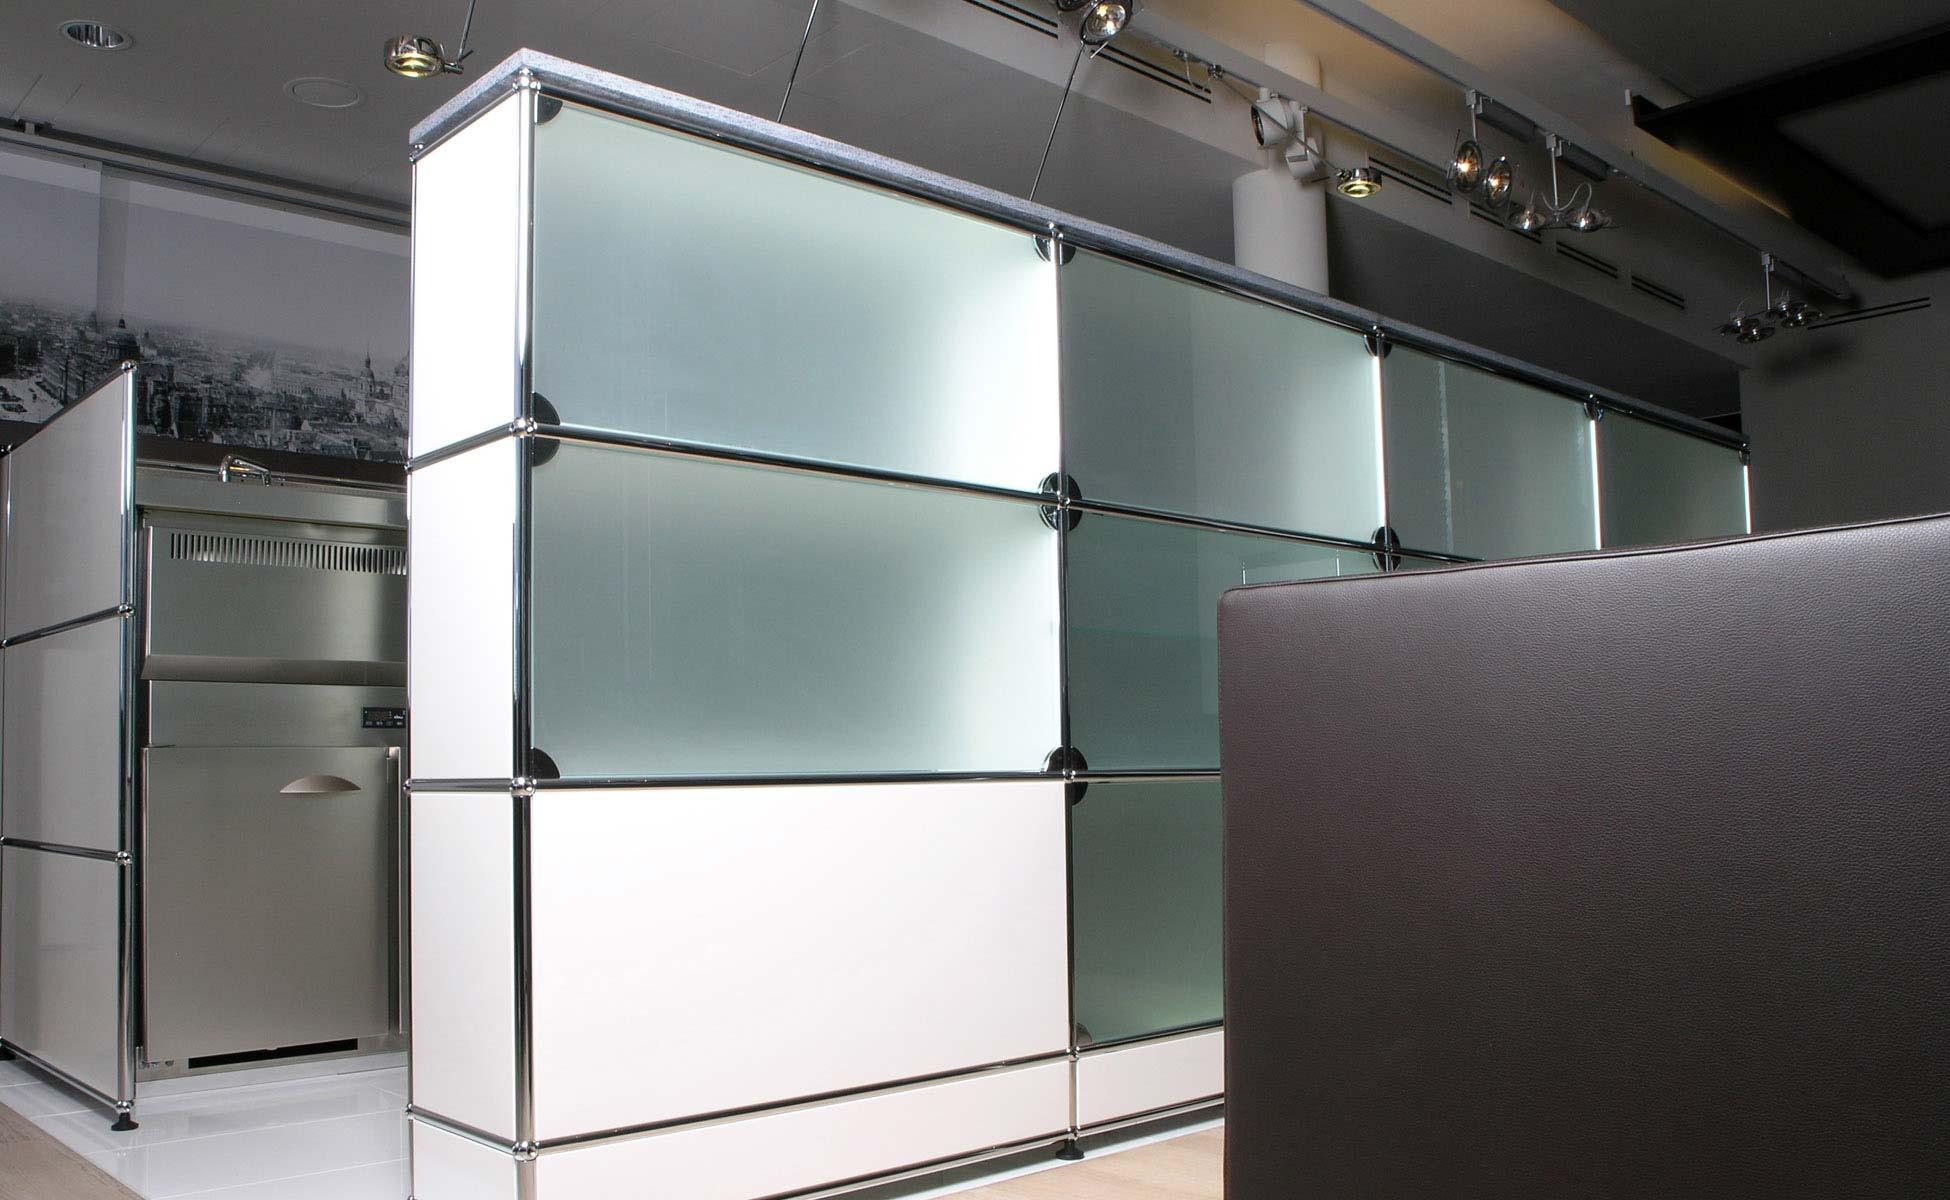 Lounge und Lobby Einrichtung USM Haller Glas Theke mit Licht von steidten+ Berlin